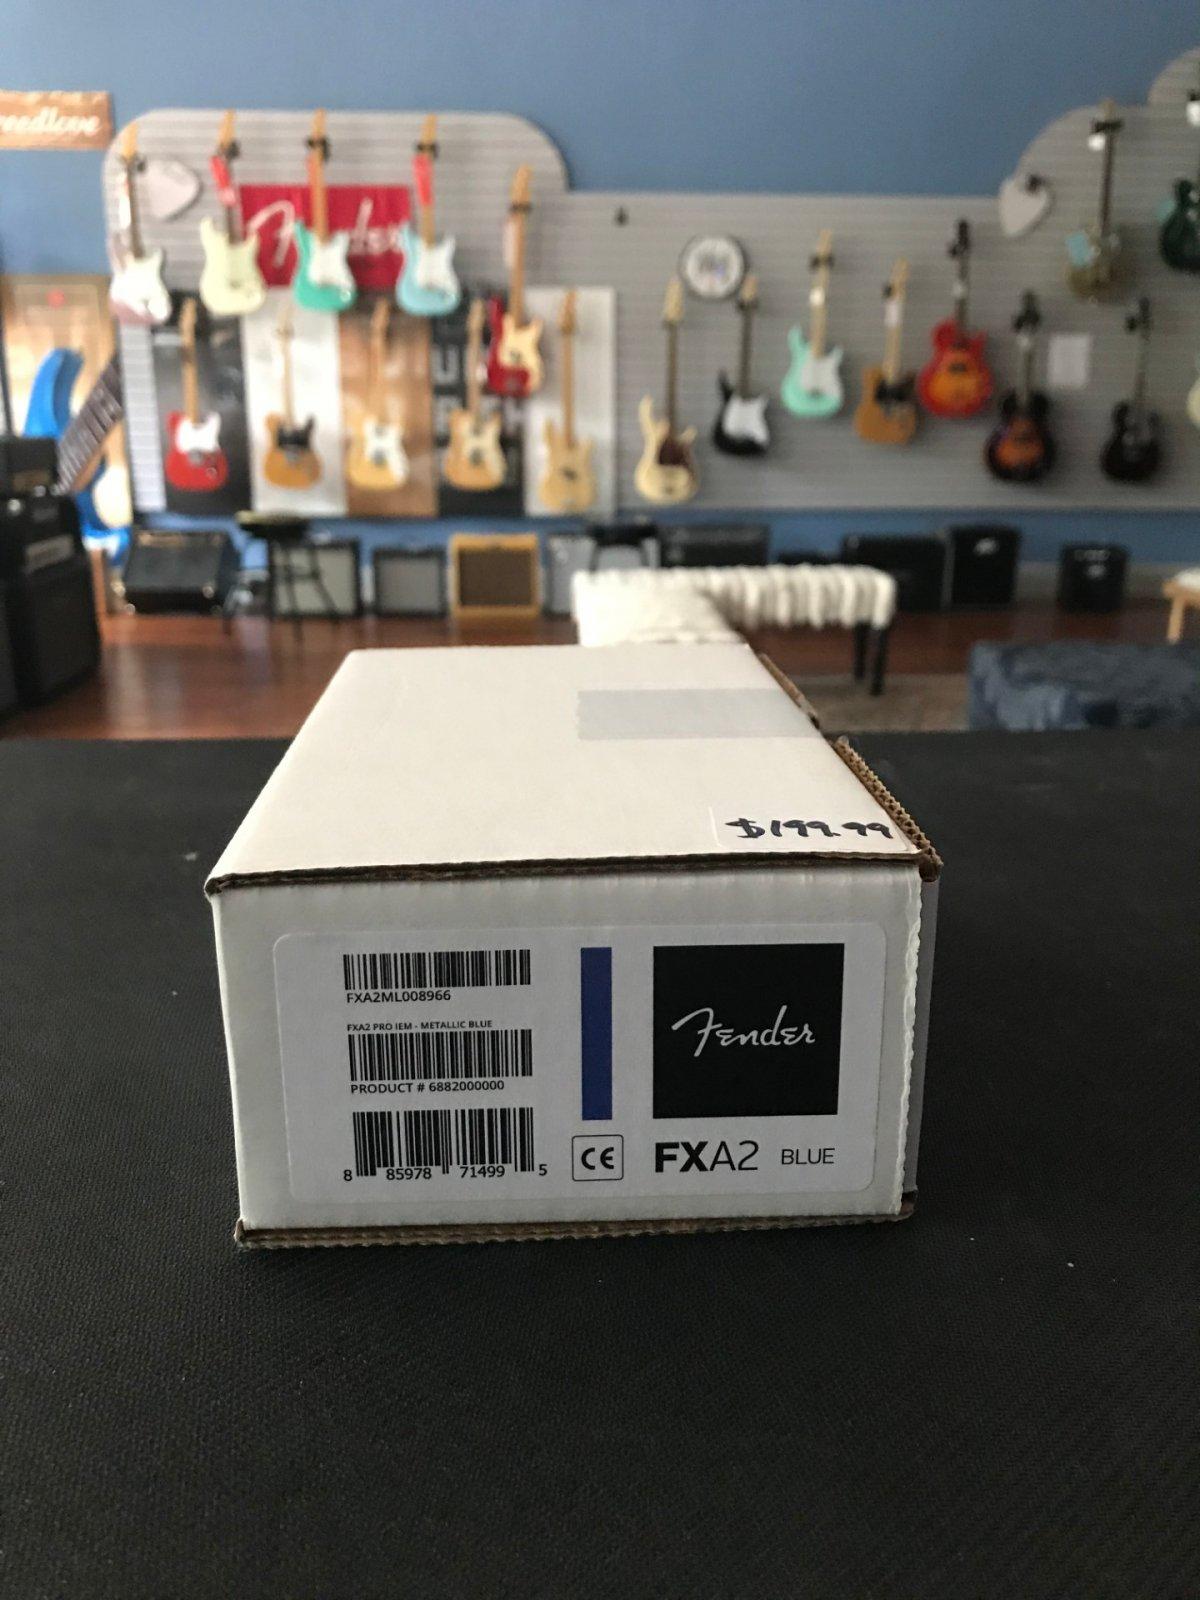 FXA2 Pro IEM - Blue